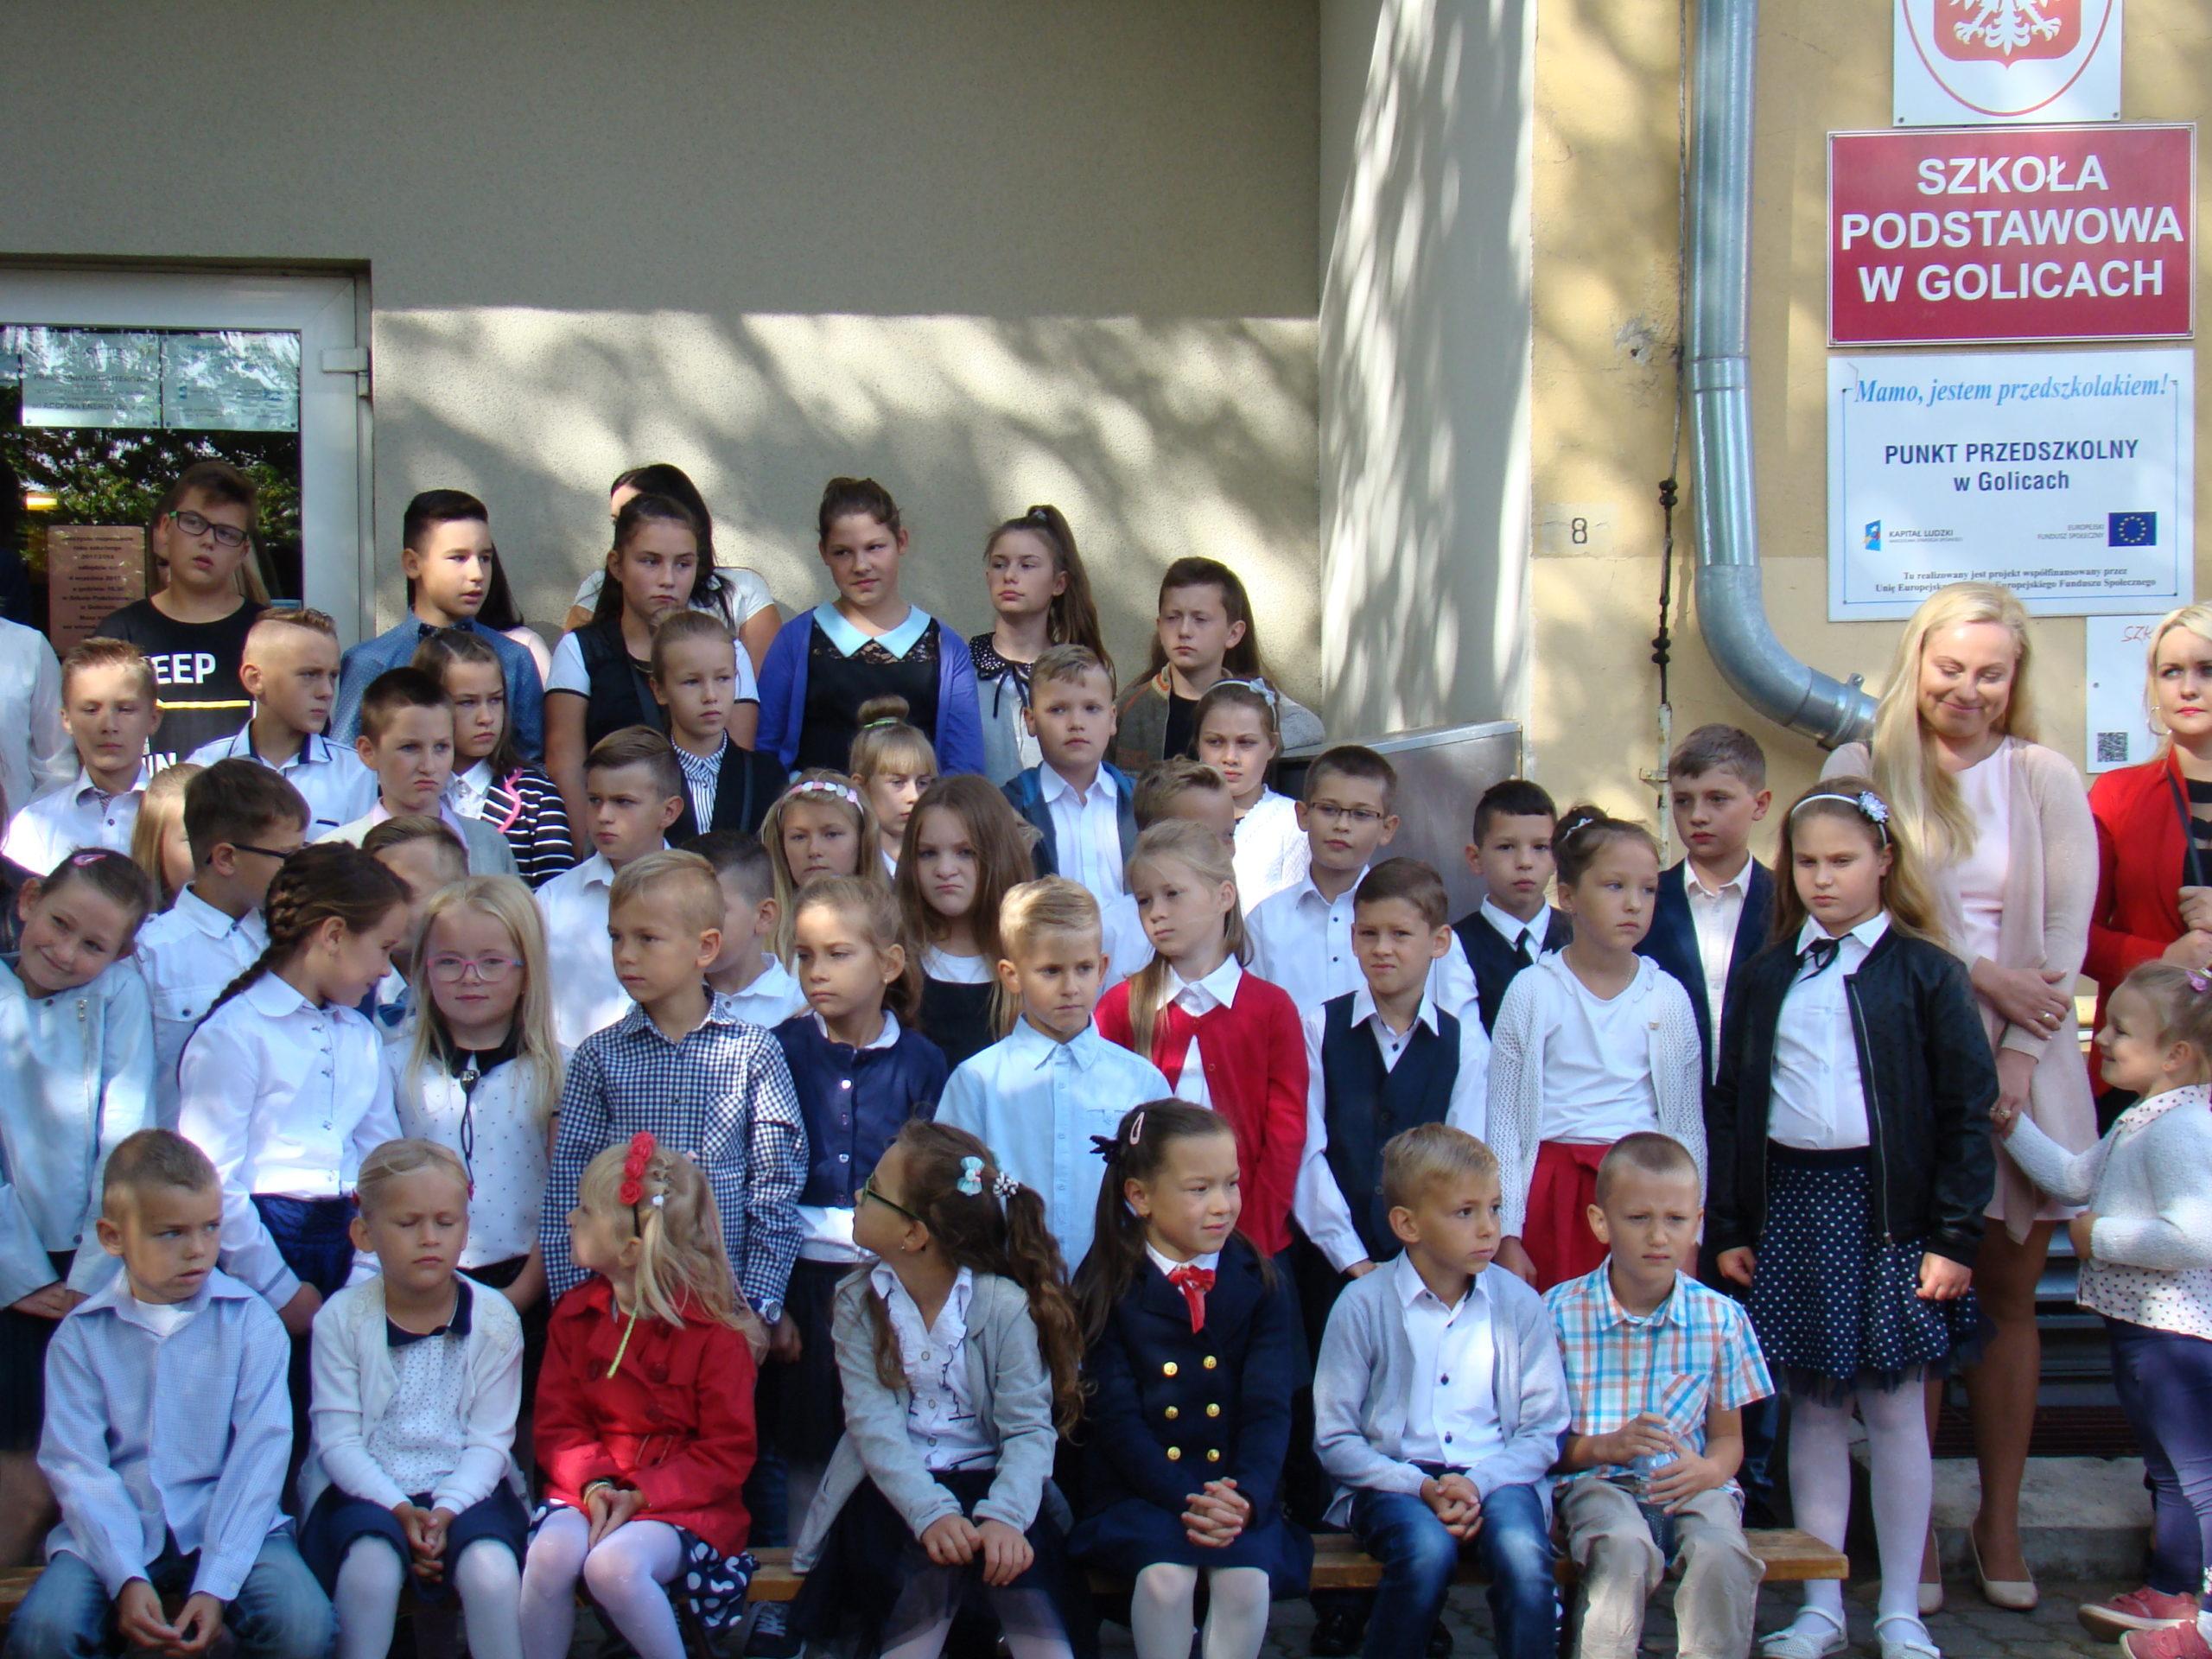 Umowa podpisana. W szkołach będą dodatkowe lekcje języka sąsiada!